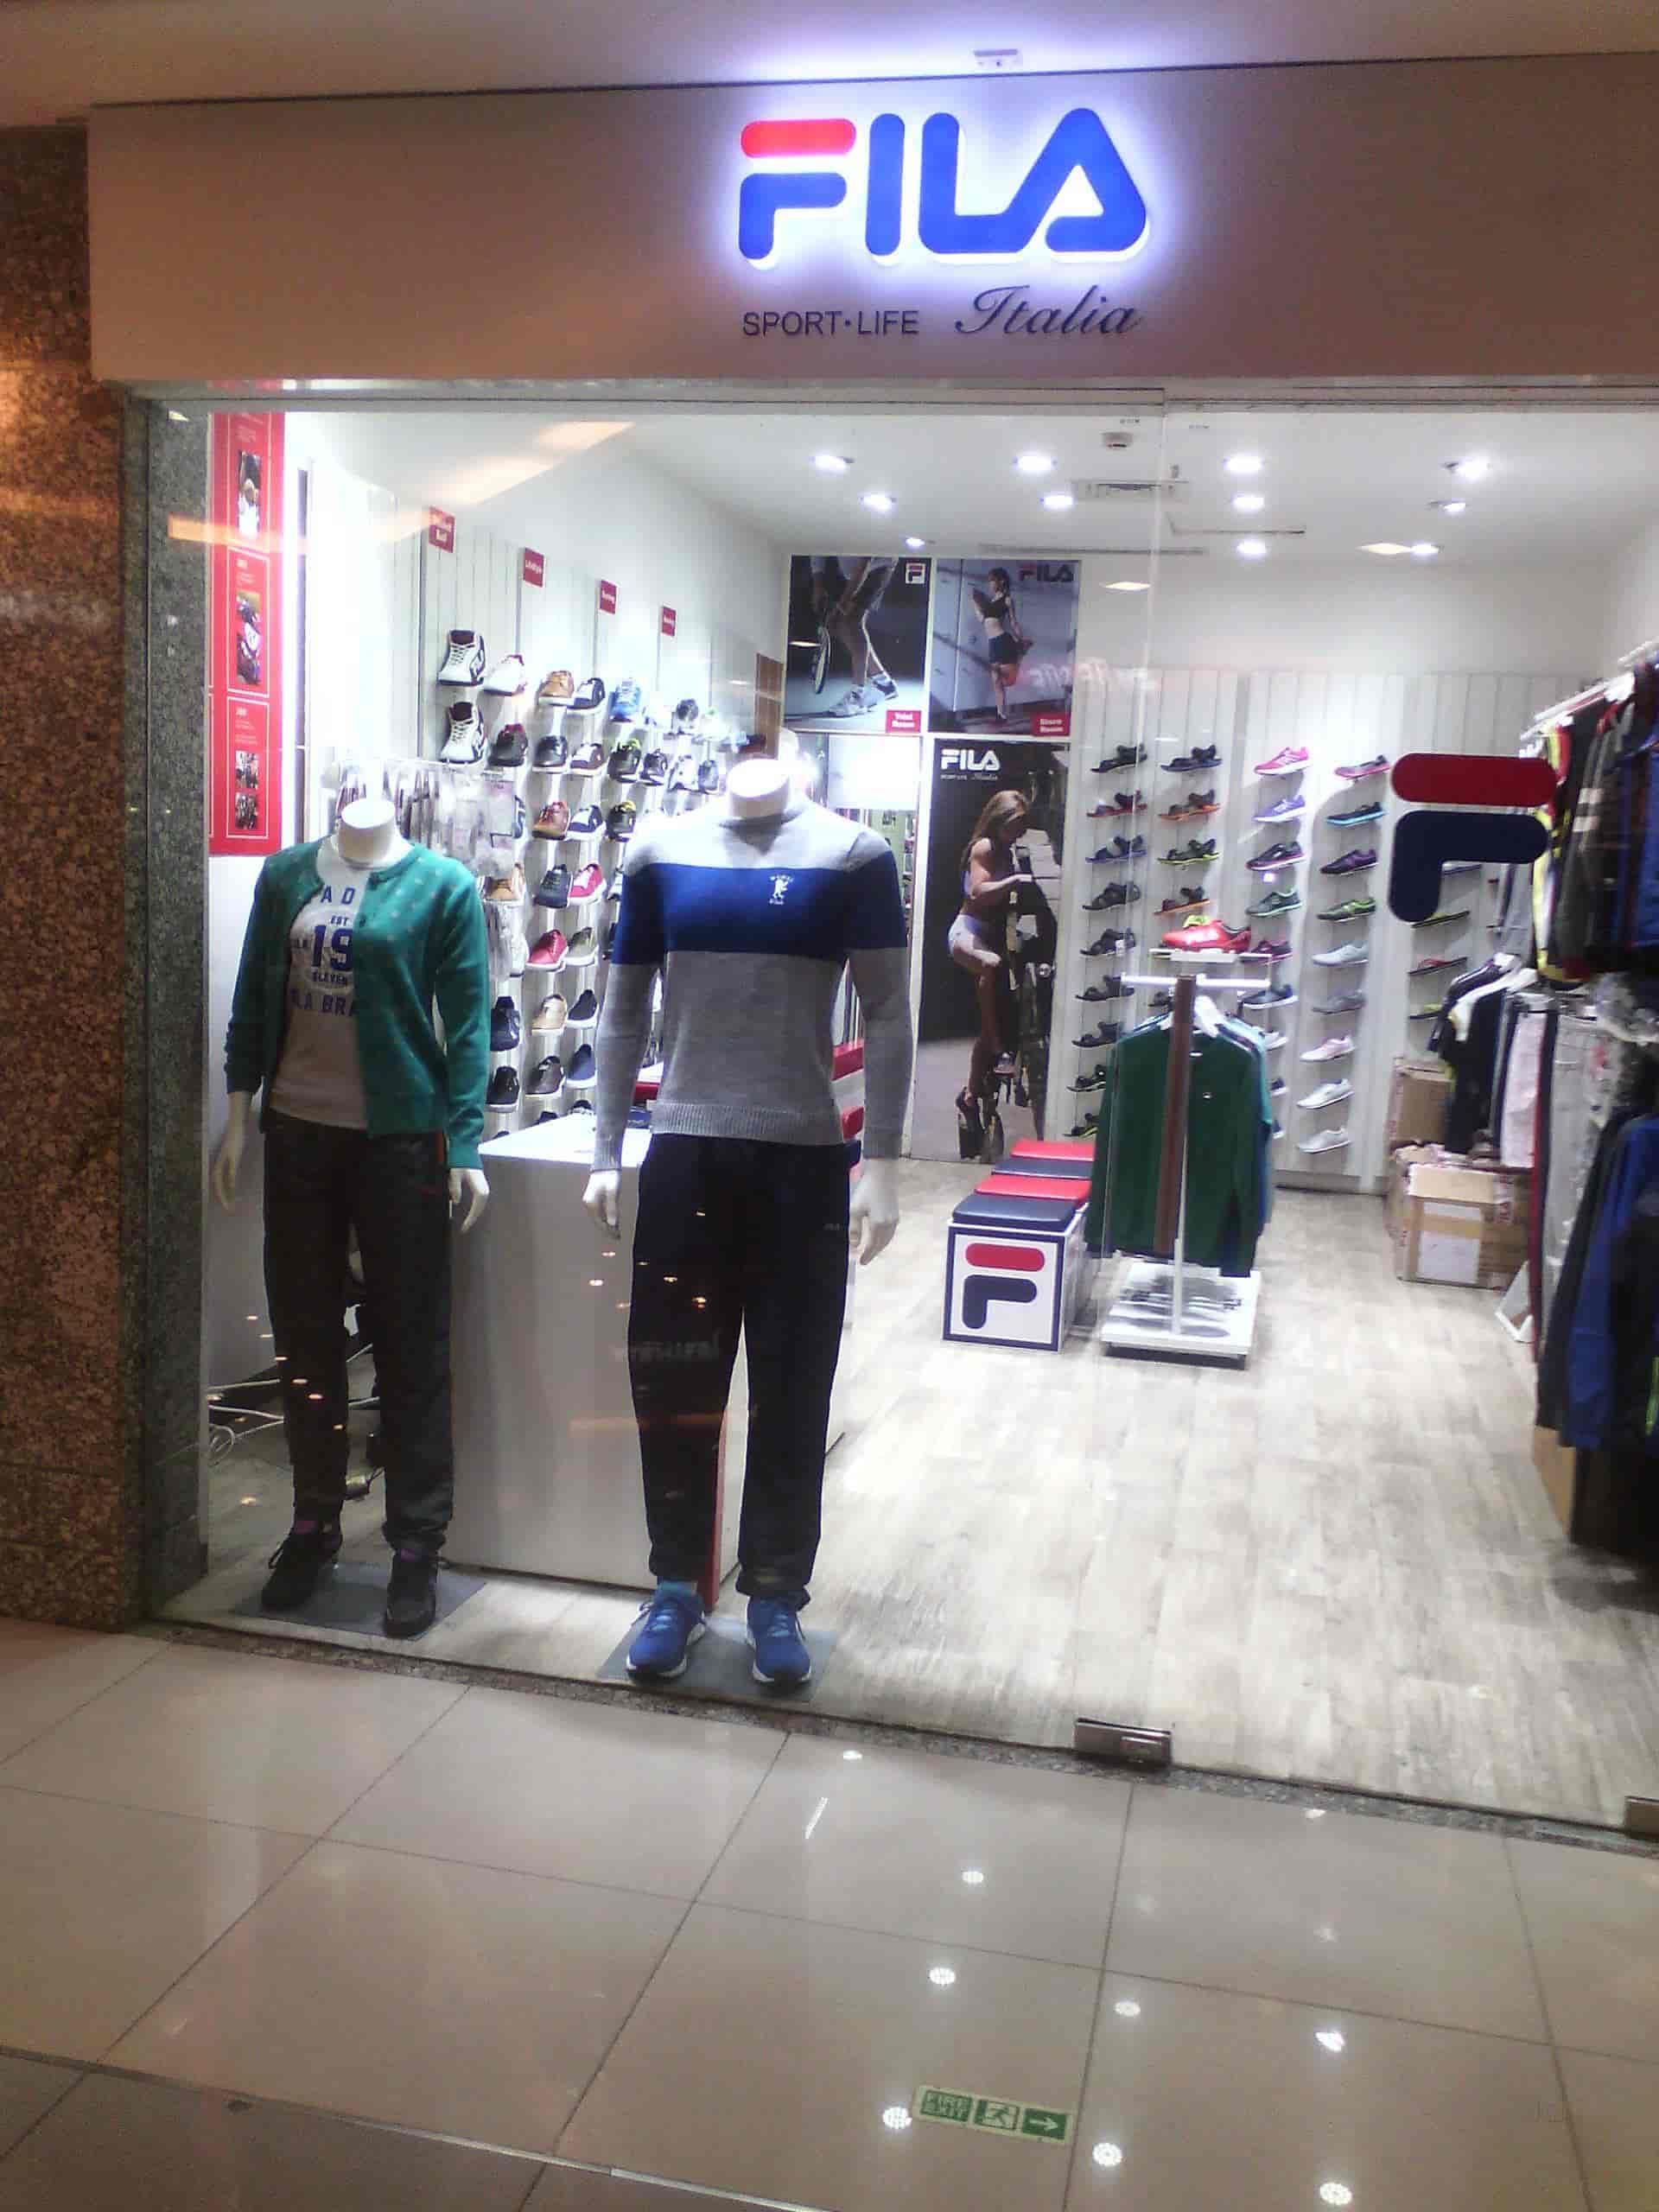 fila shoes mall \u003e Clearance shop